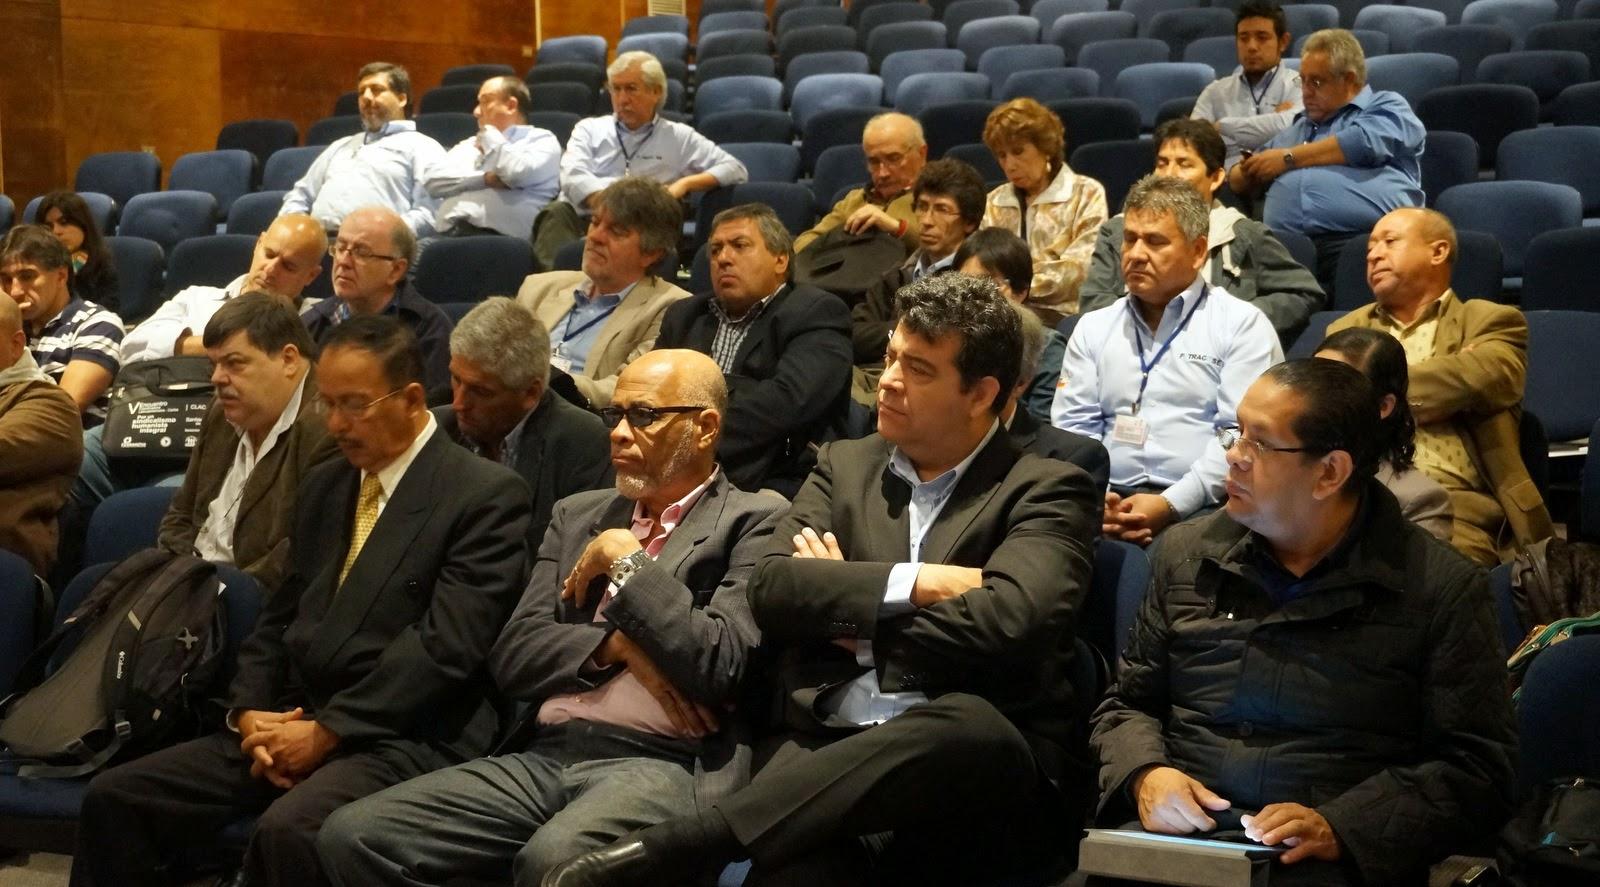 """Javiera Olivares: """"Si se están discutiendo reformas laborales, asamblea constituyente, educación, los trabajadores de la comunicación tenemos el deber de opinar"""""""